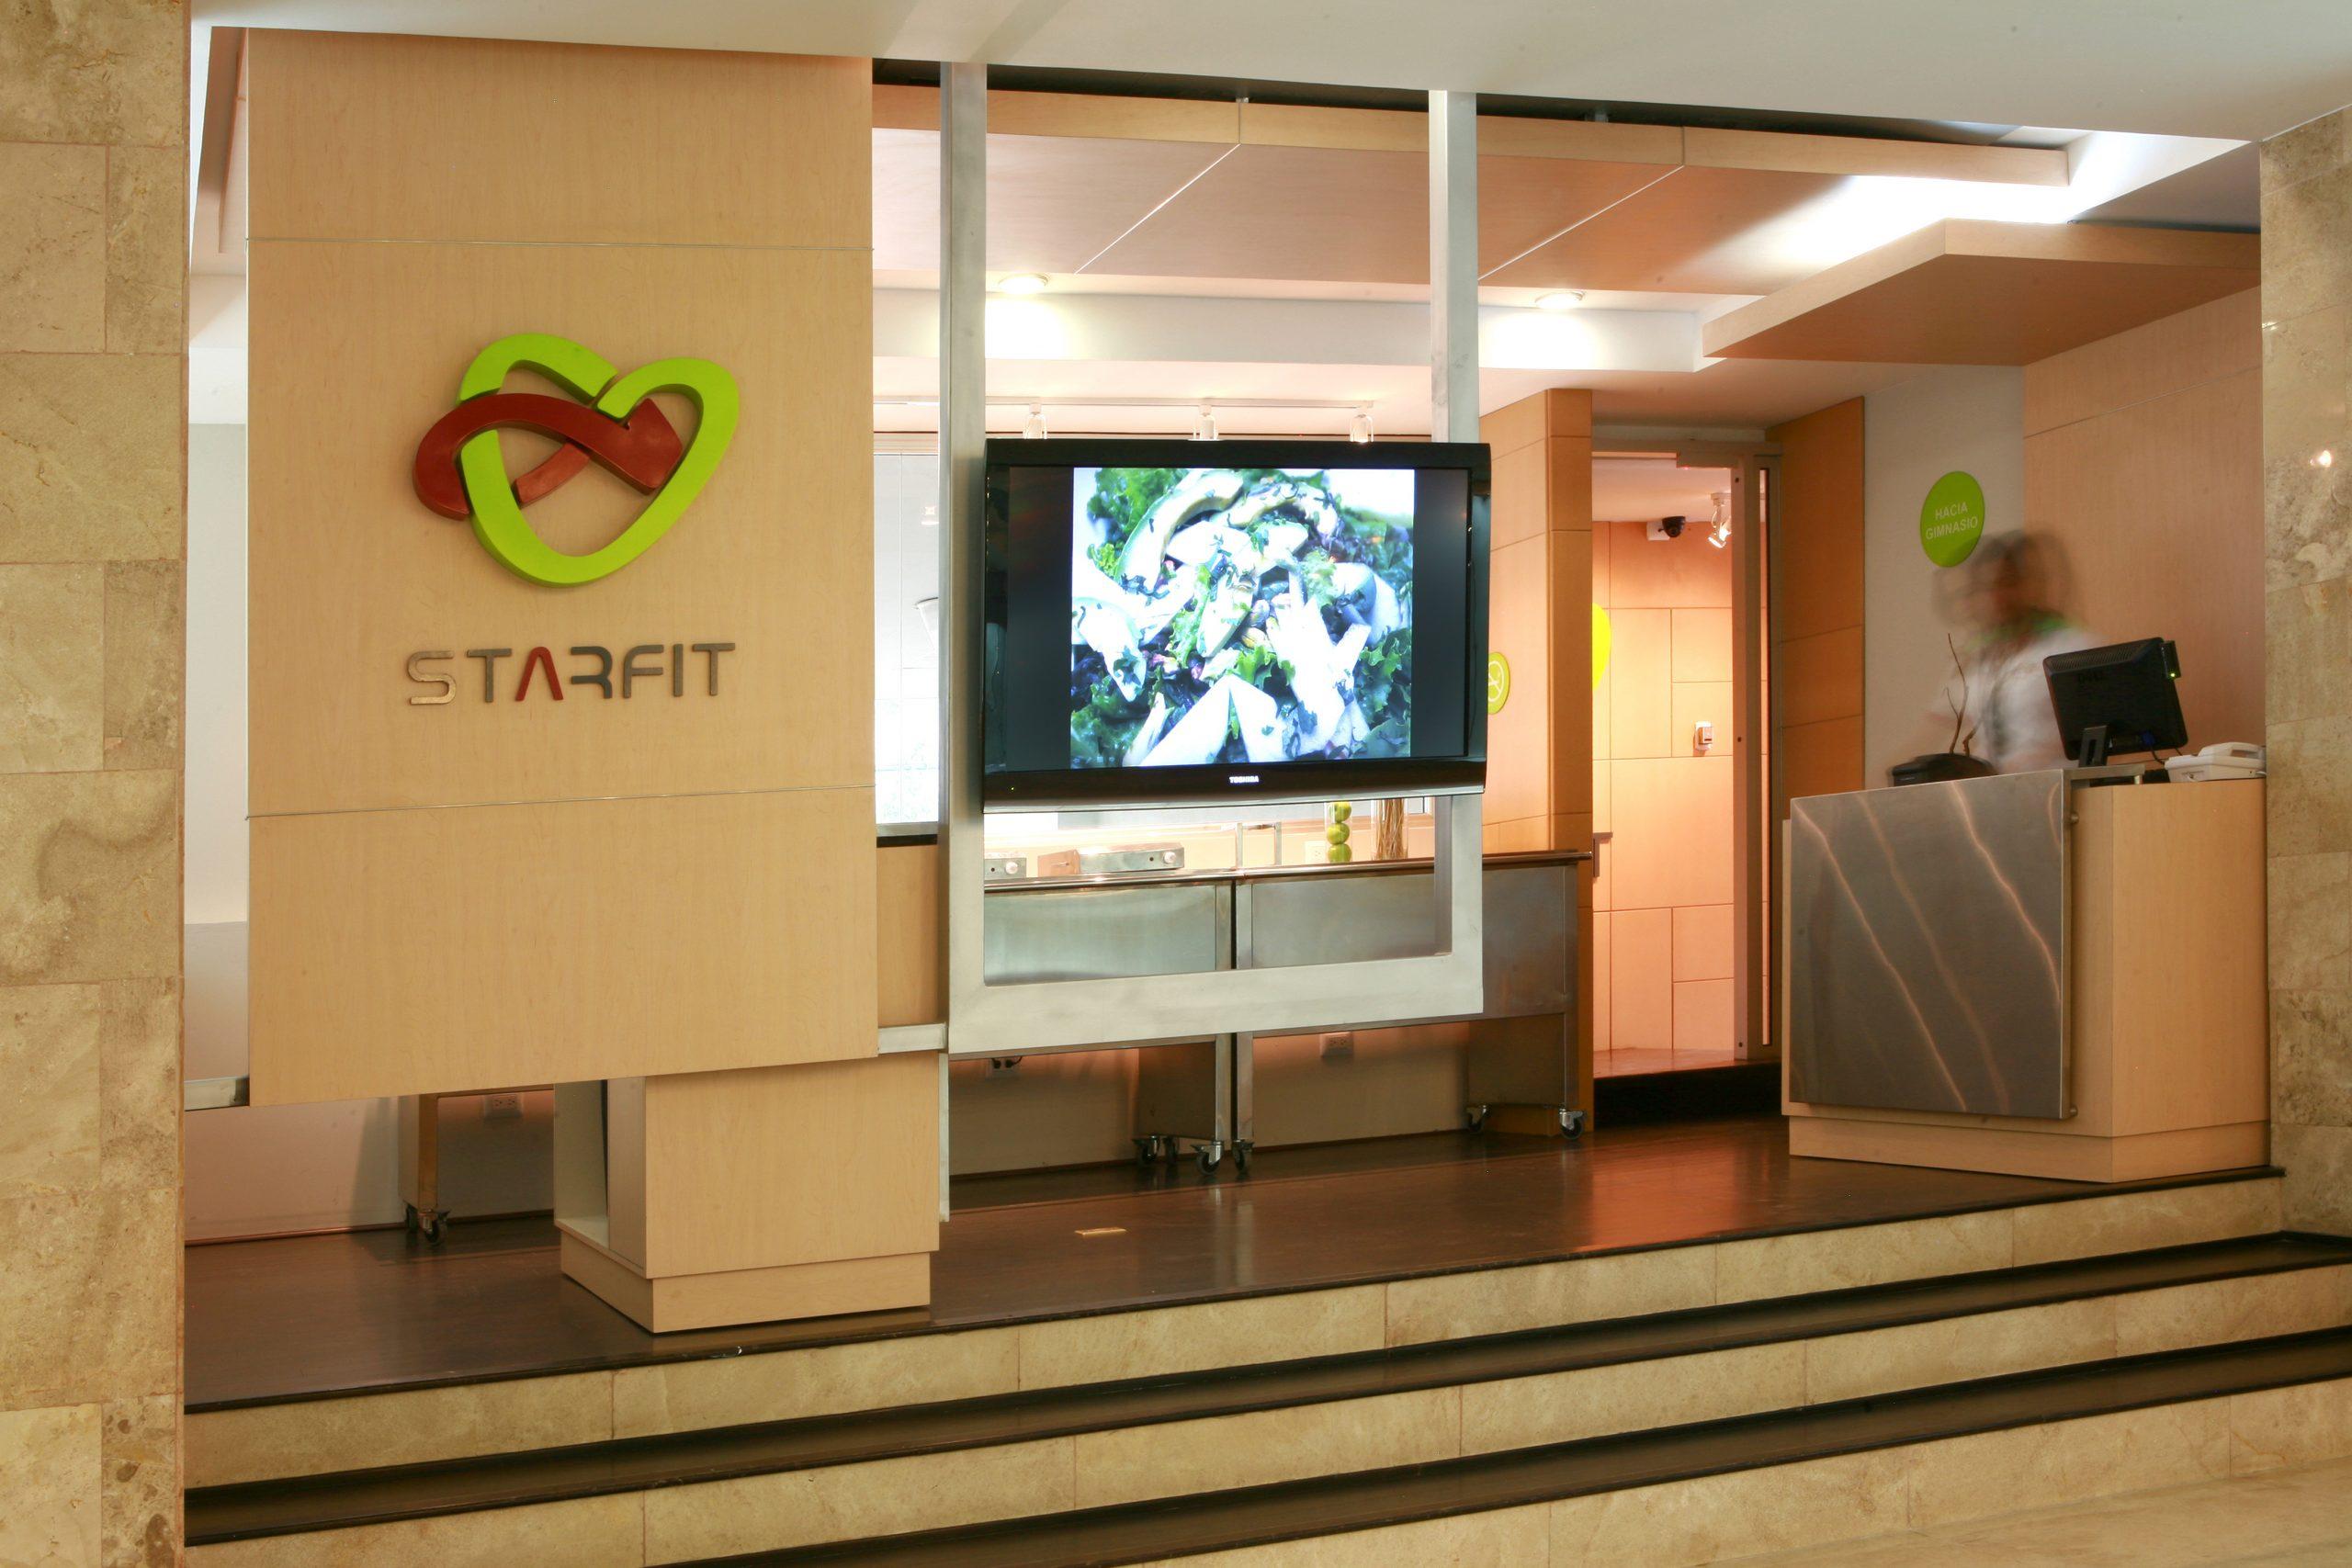 Starfit 5